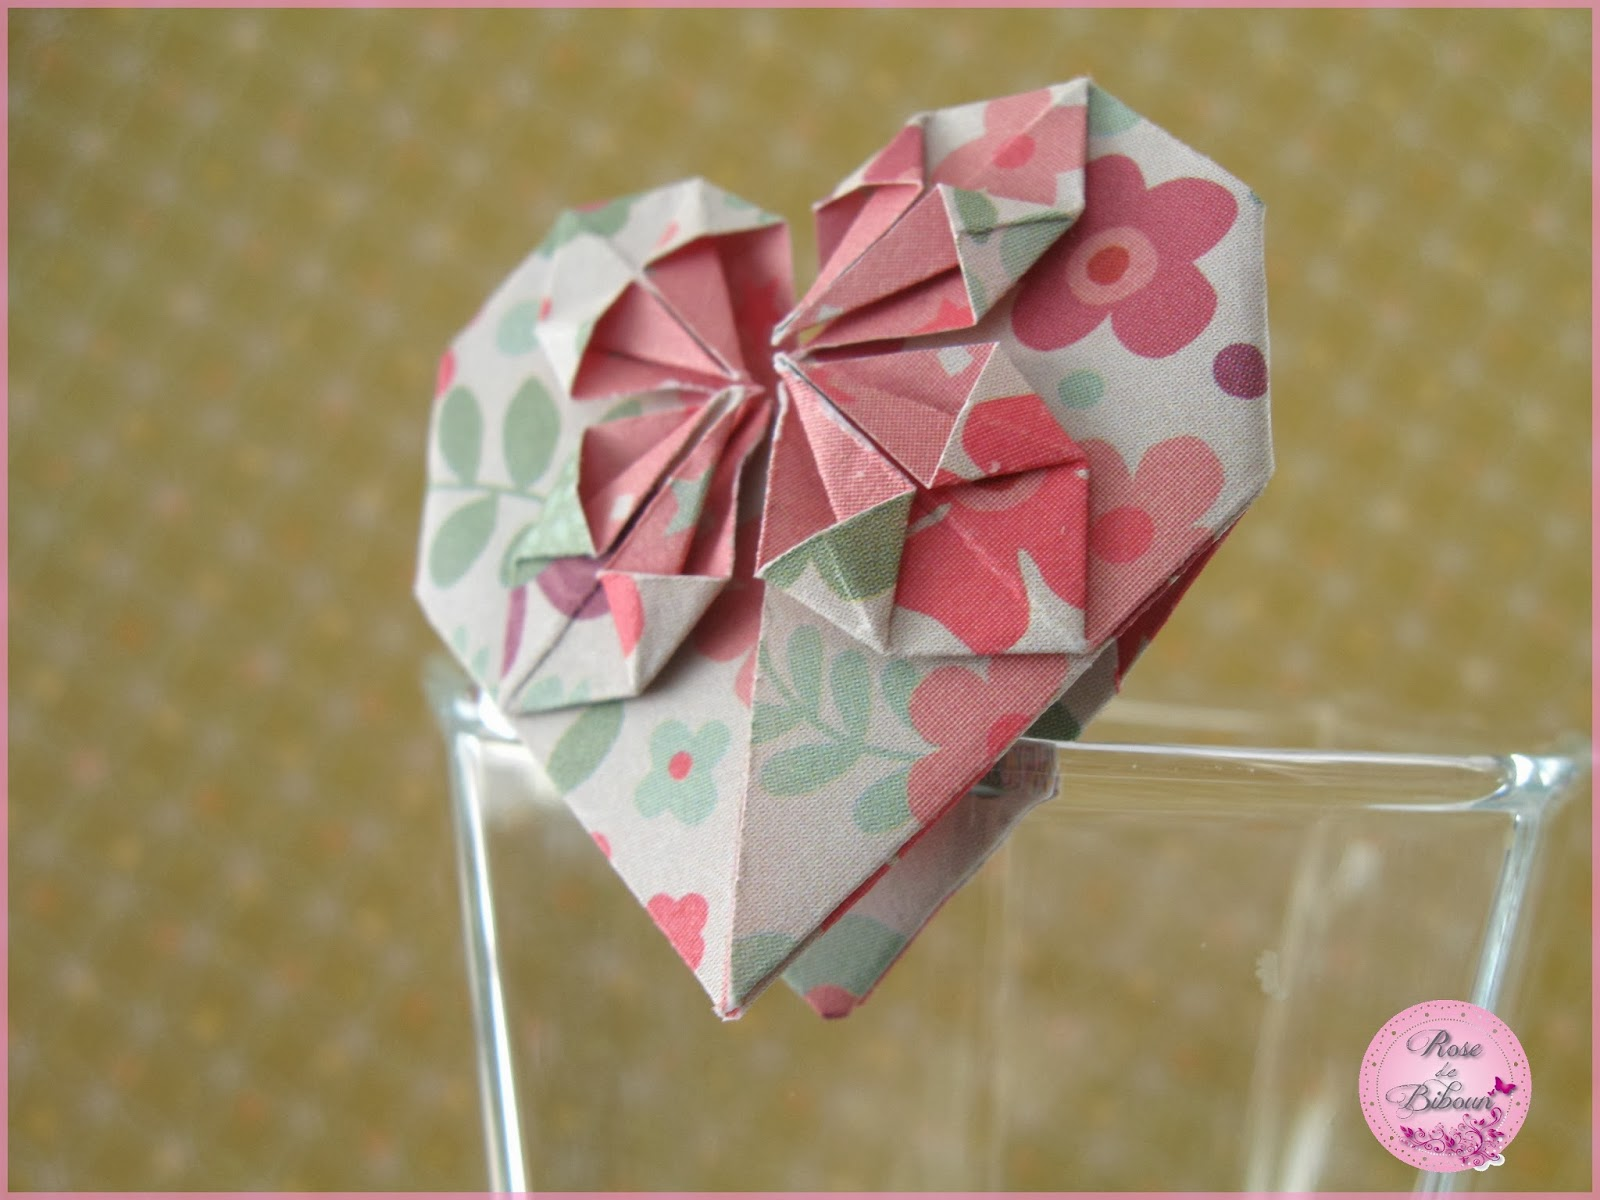 rose de biboun diy le coeur en origami un pliage pour la st valentin mais pas seulement. Black Bedroom Furniture Sets. Home Design Ideas